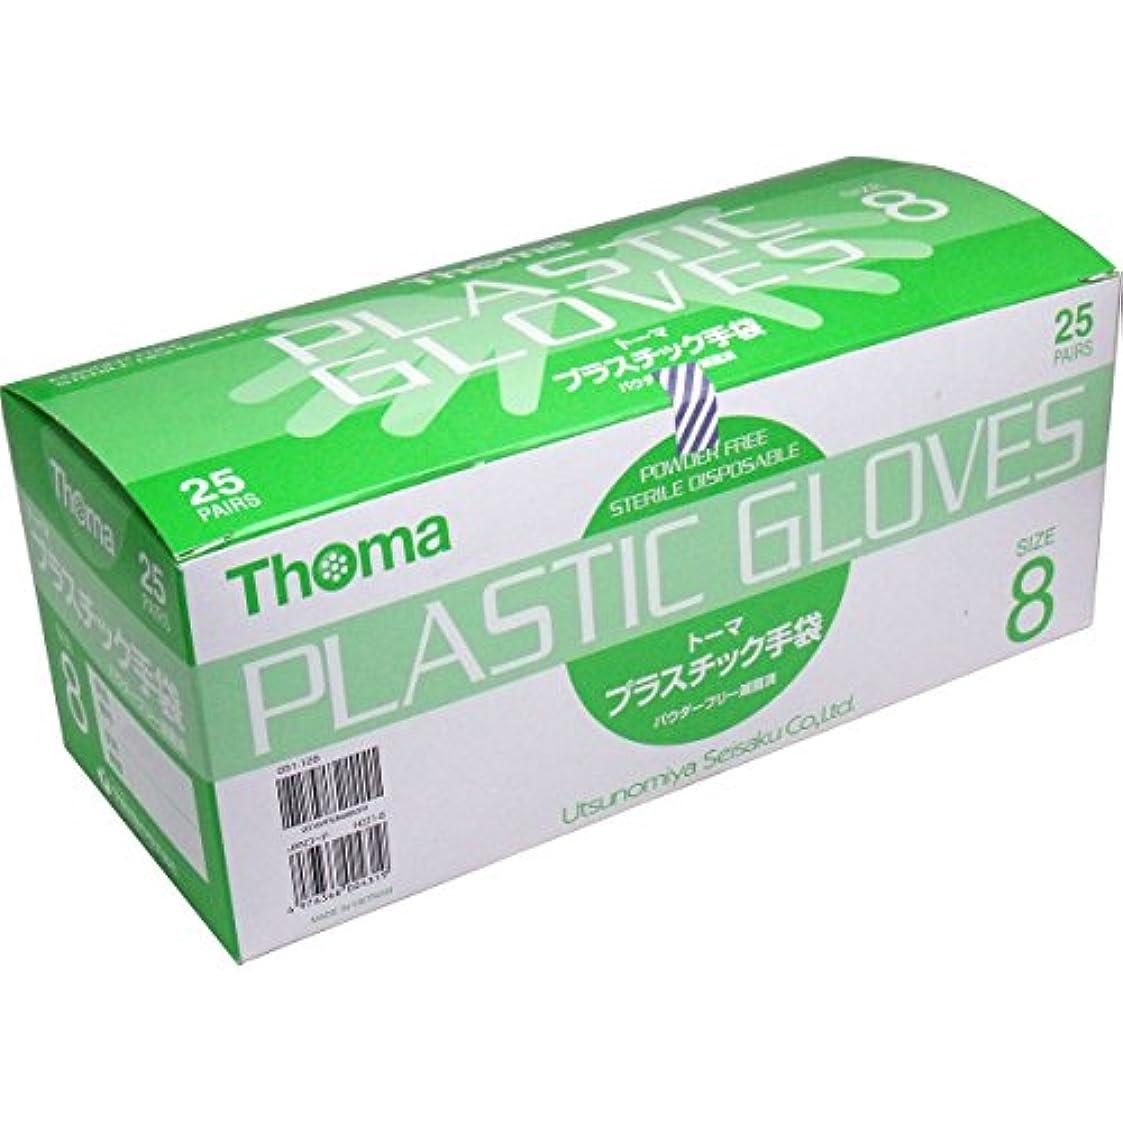 ブルーベルピルフォアマンポリ塩化ビニル製 手袋 1双毎に滅菌包装、衛生的 人気商品 トーマ プラスチック手袋 パウダーフリー滅菌済 25双入 サイズ8【4個セット】